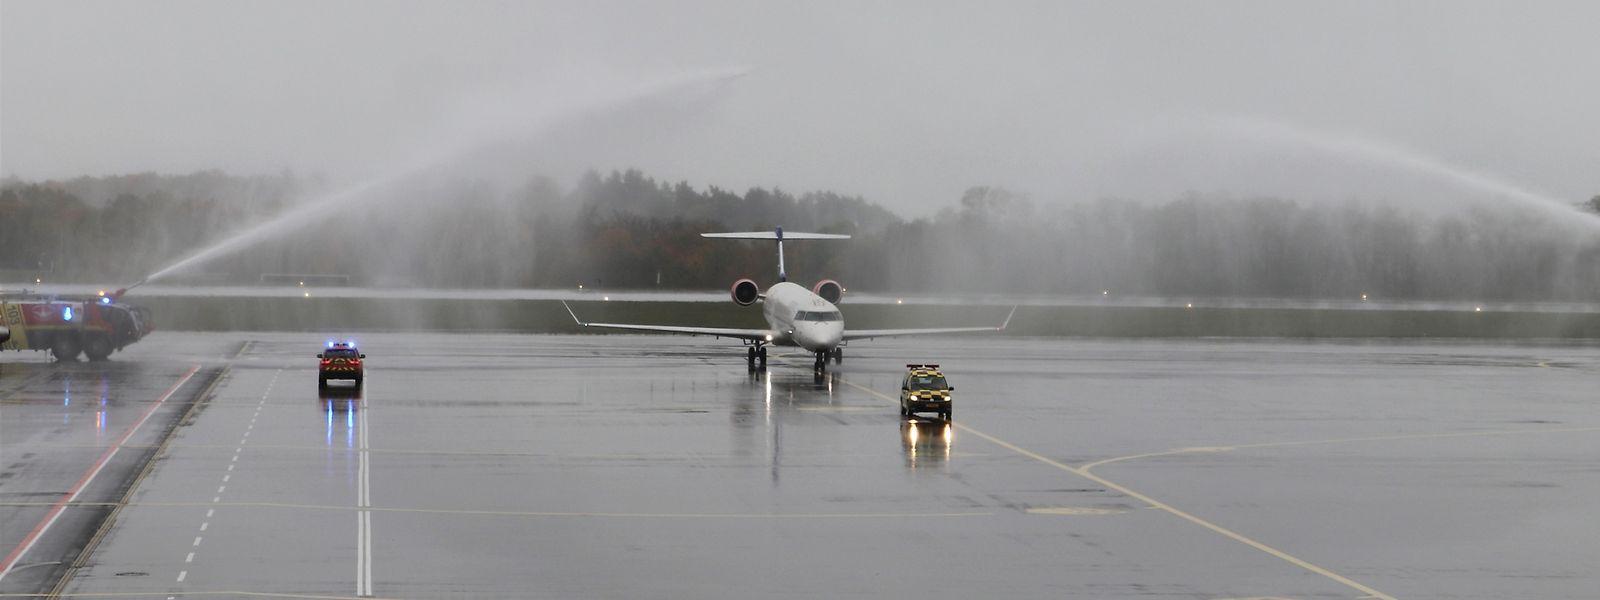 Der SAS-Jet wurde passend begrüßt.